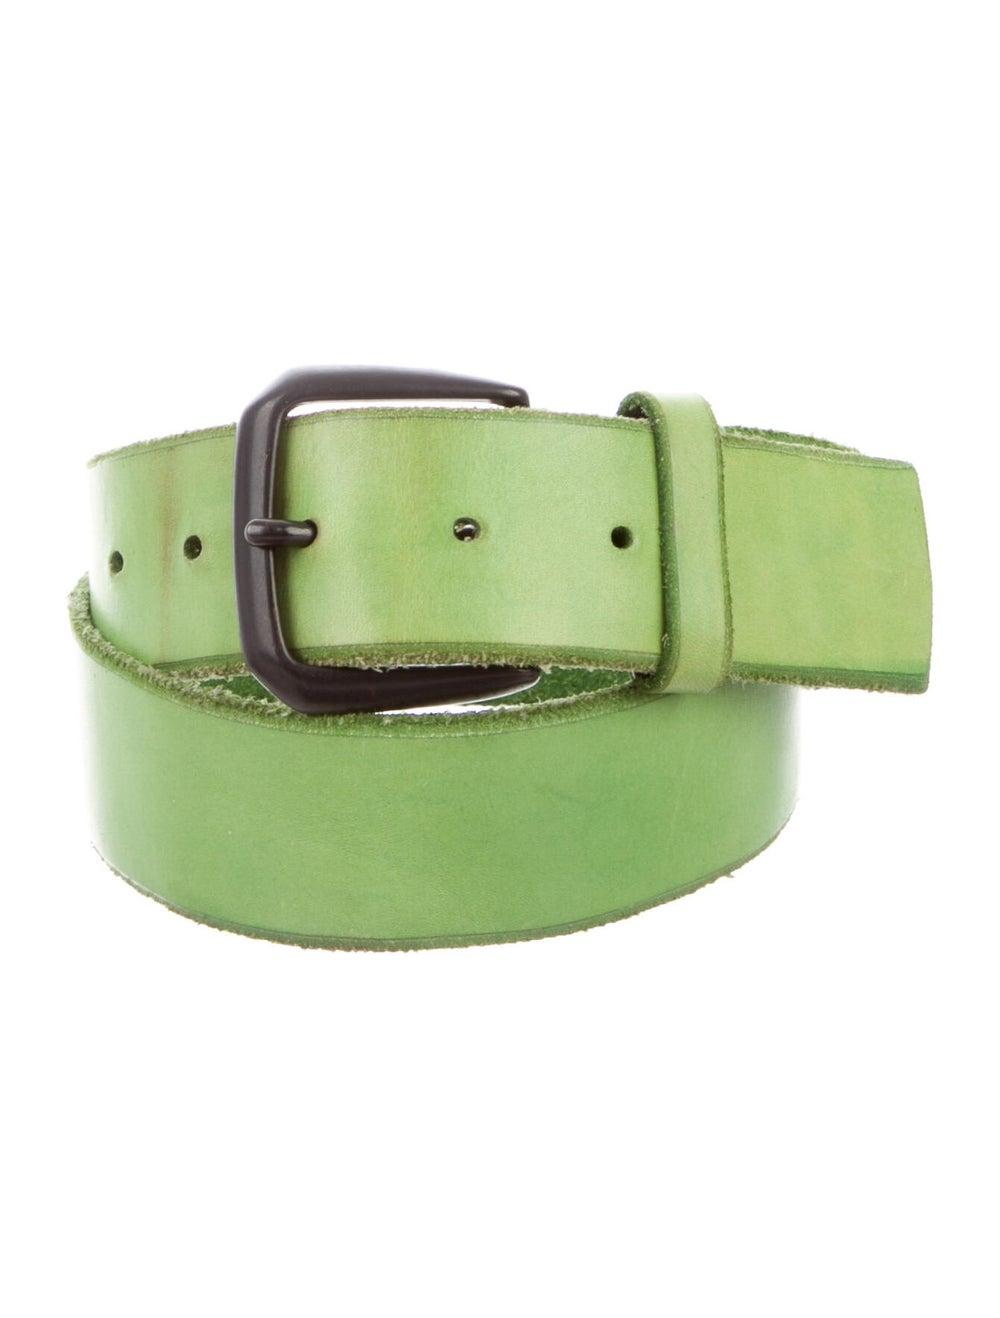 Yohji Yamamoto Leather Belt Green - image 1